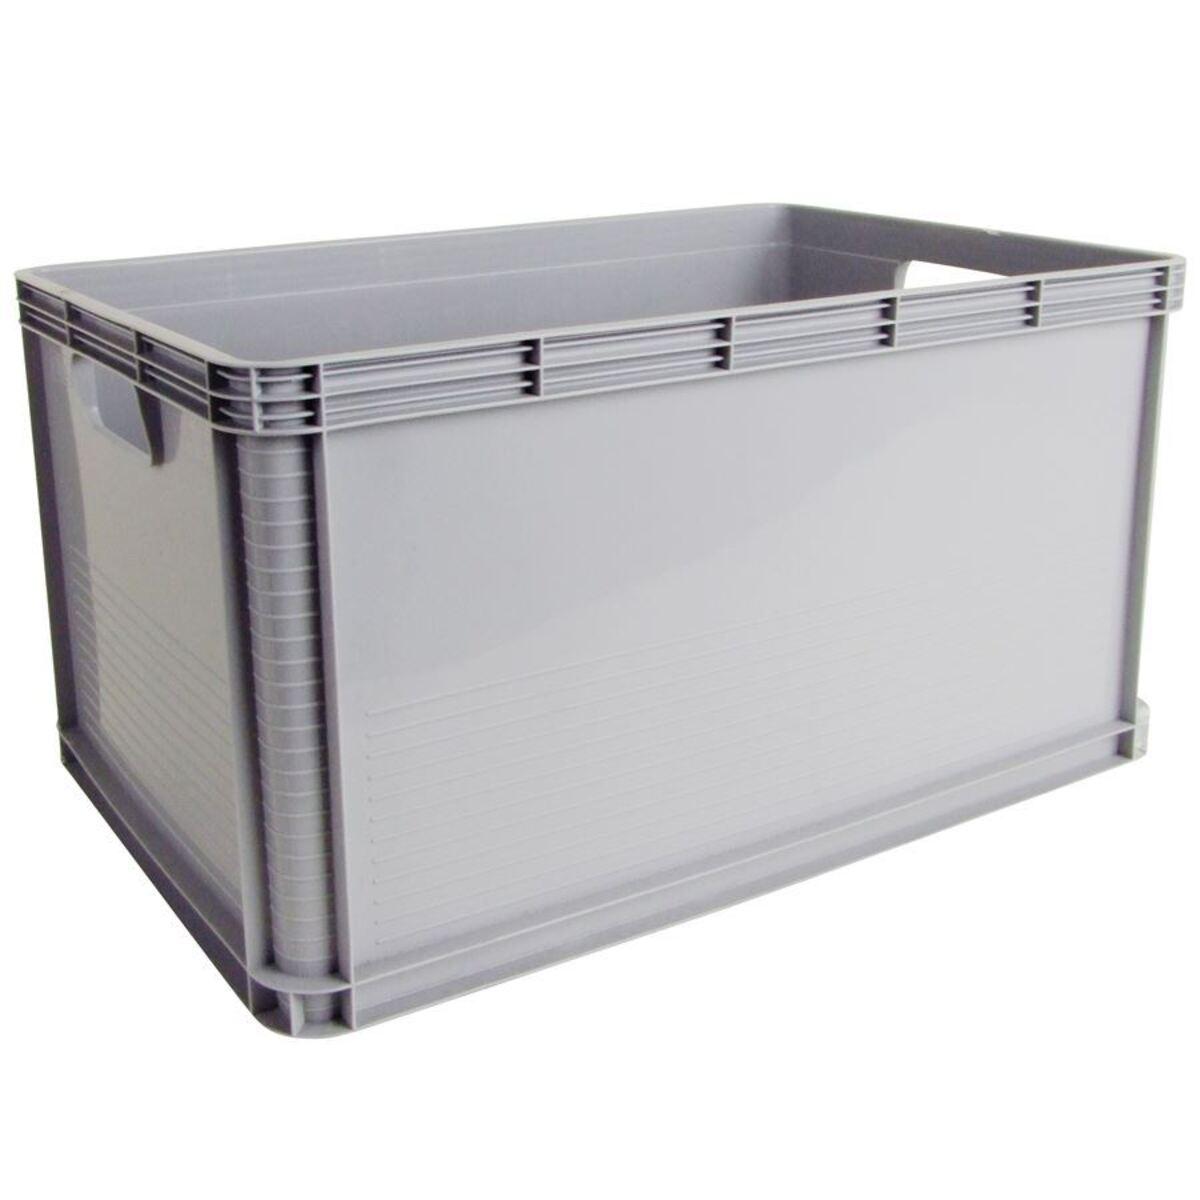 Bild 1 von Robusto-Box 64 Liter